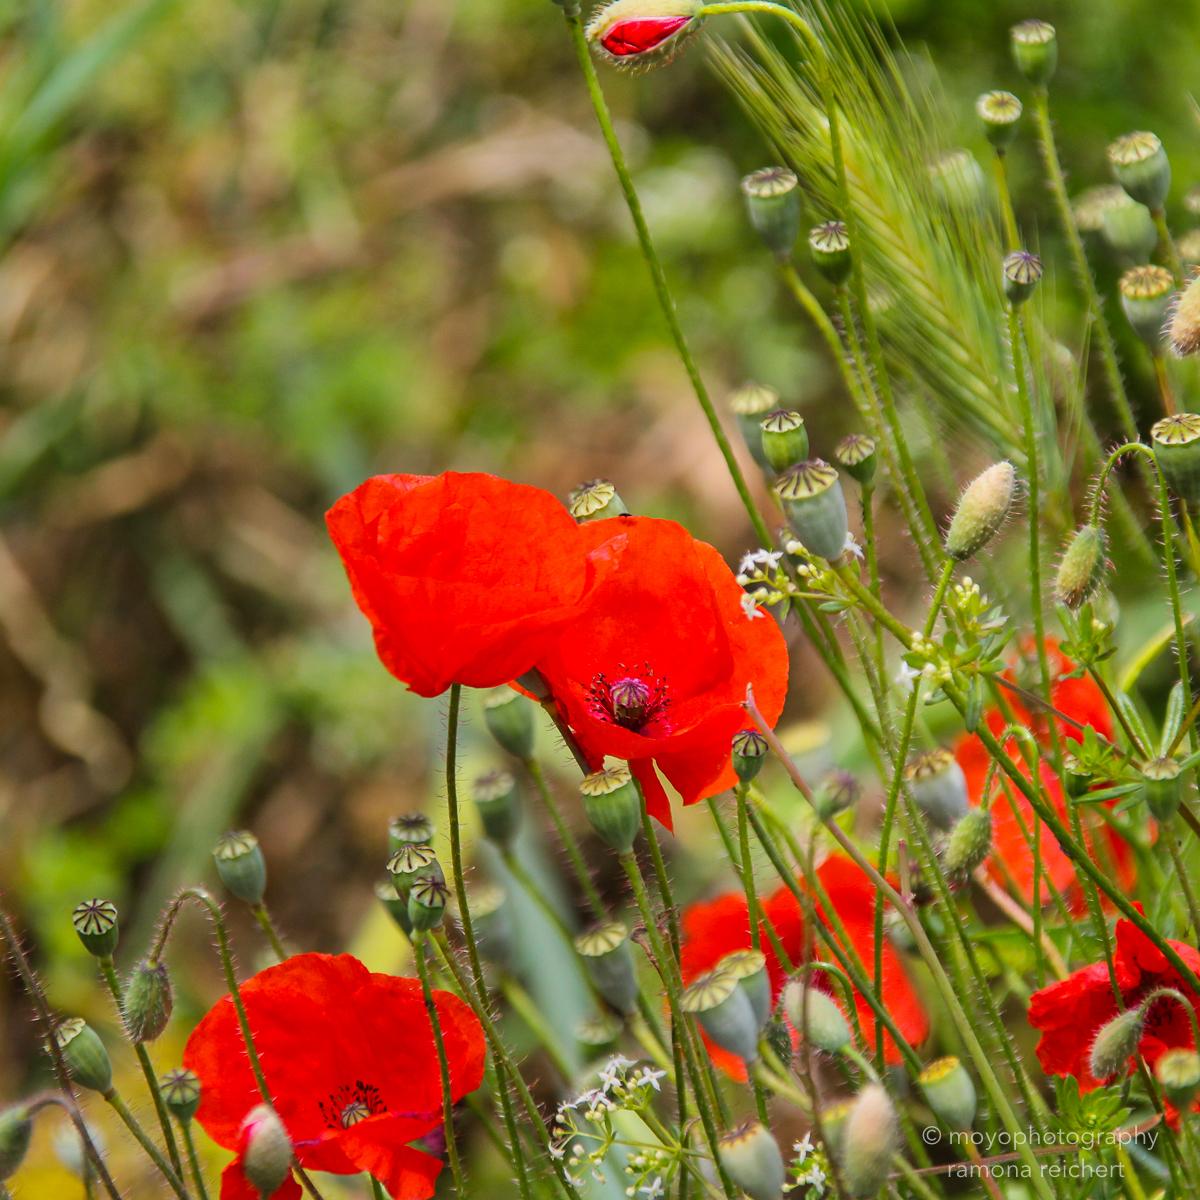 poppy red - 2013